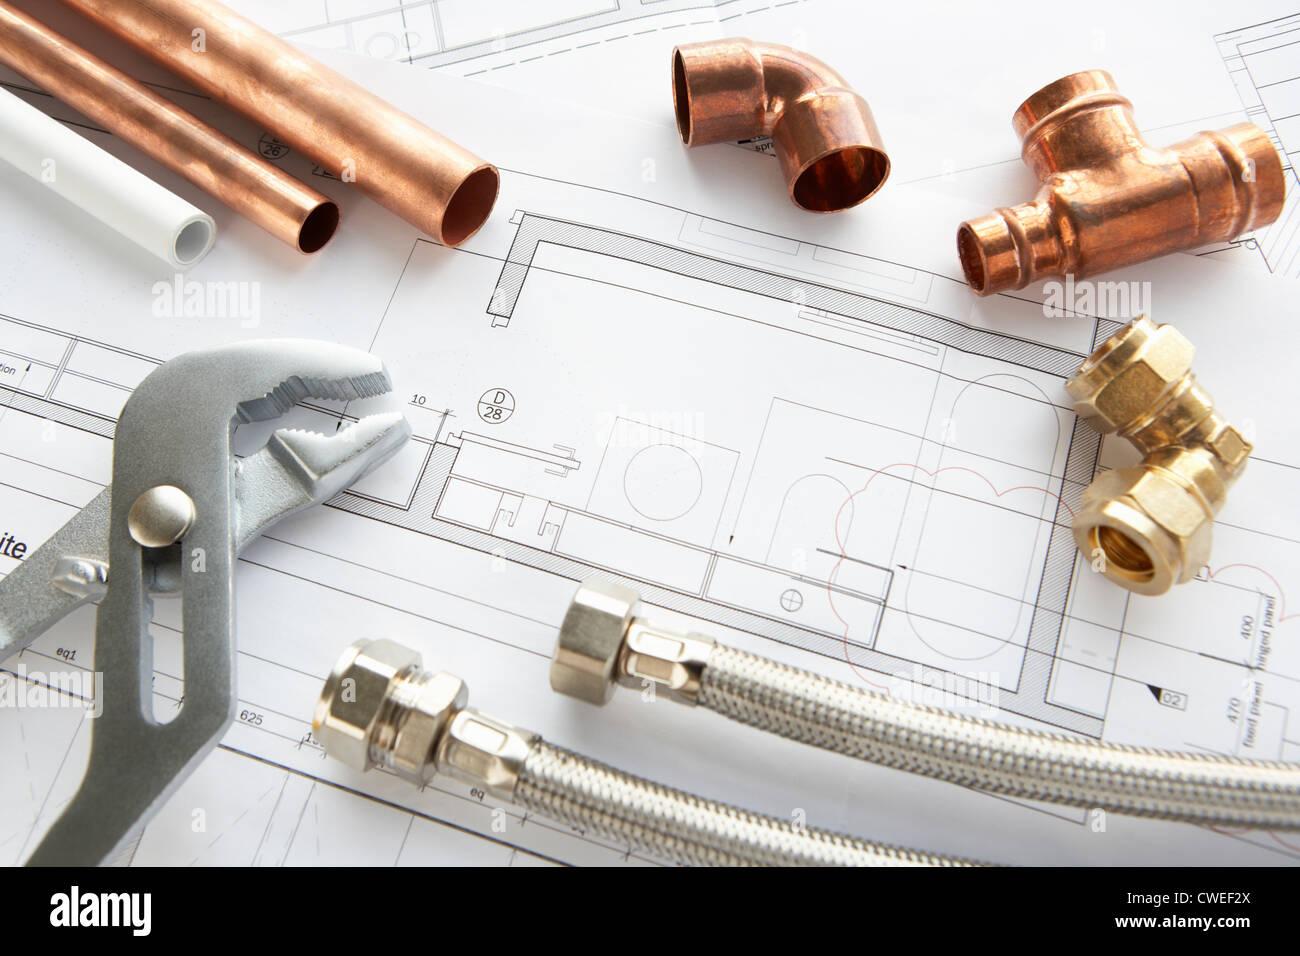 outils et mat riaux de plomberie banque d 39 images photo stock 50106306 alamy. Black Bedroom Furniture Sets. Home Design Ideas